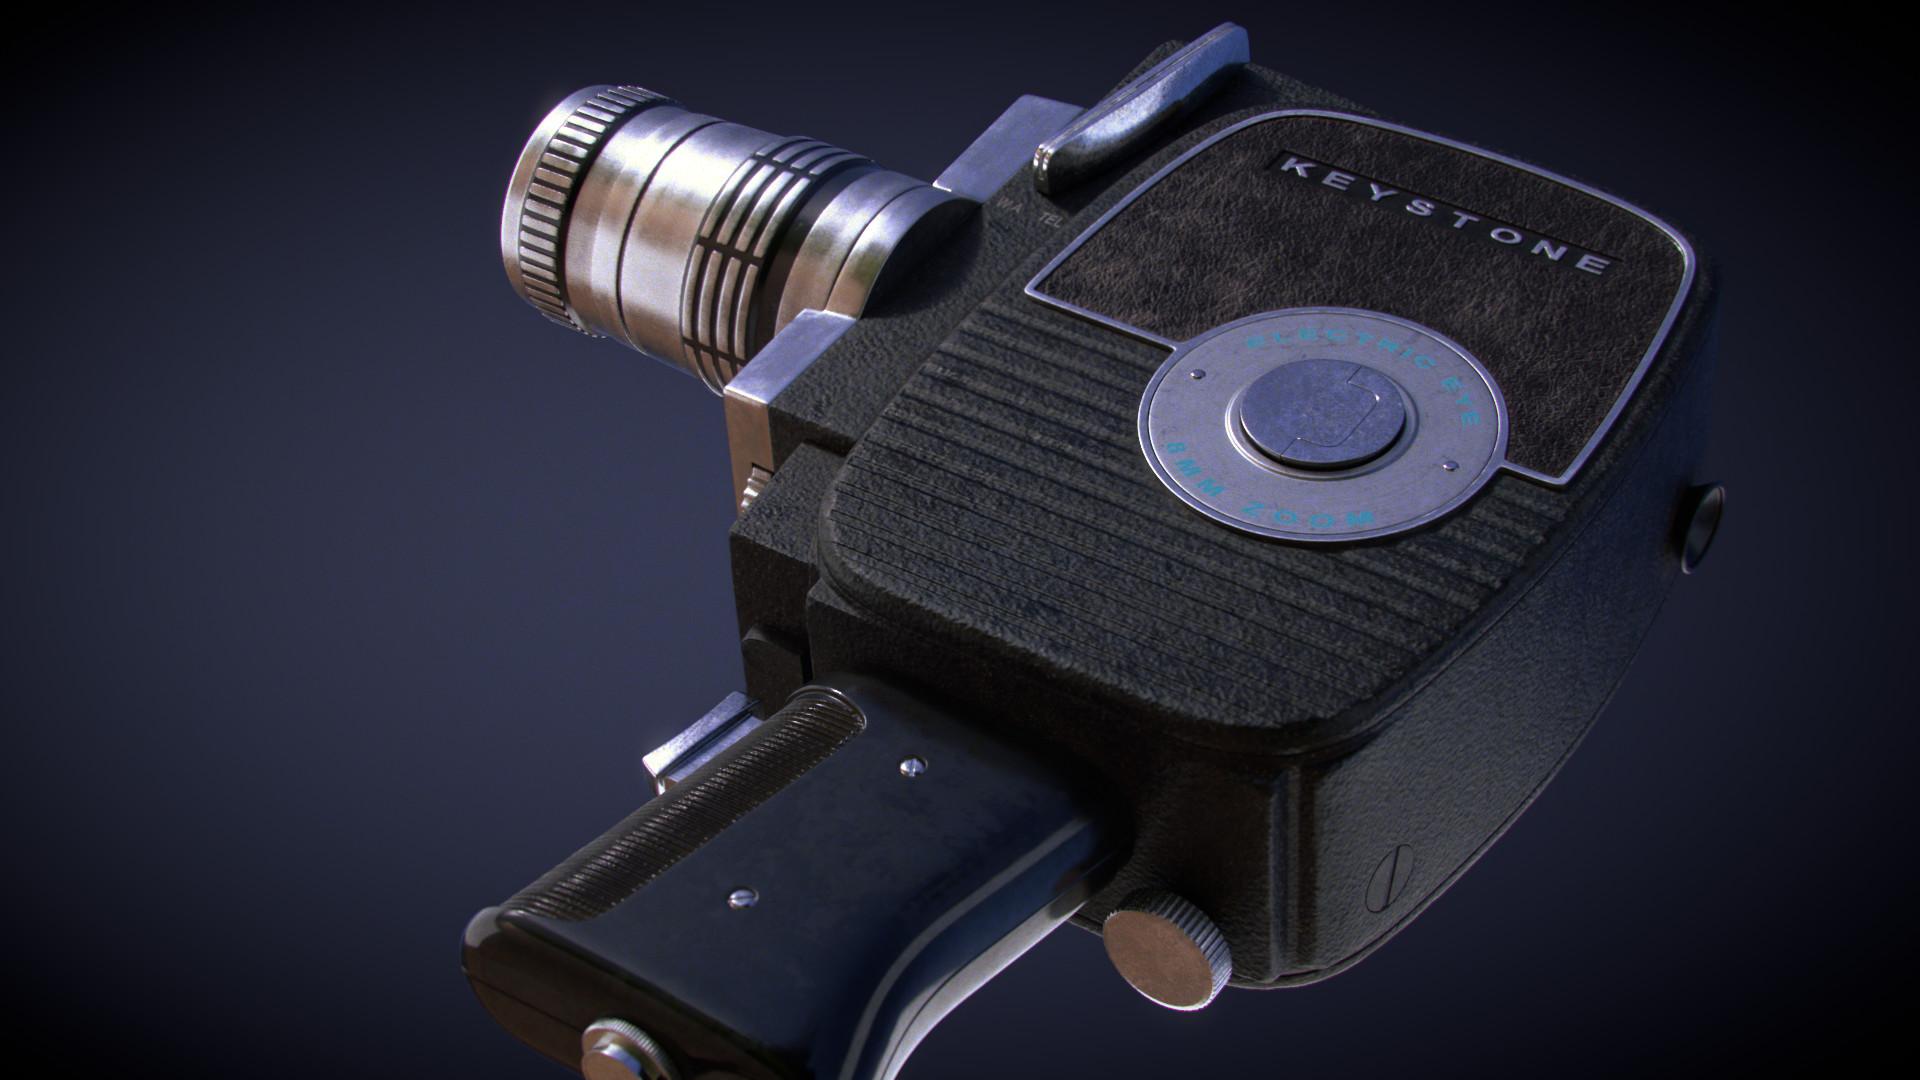 ArtStation - Old 8mm Camera, Arnaud Bellour